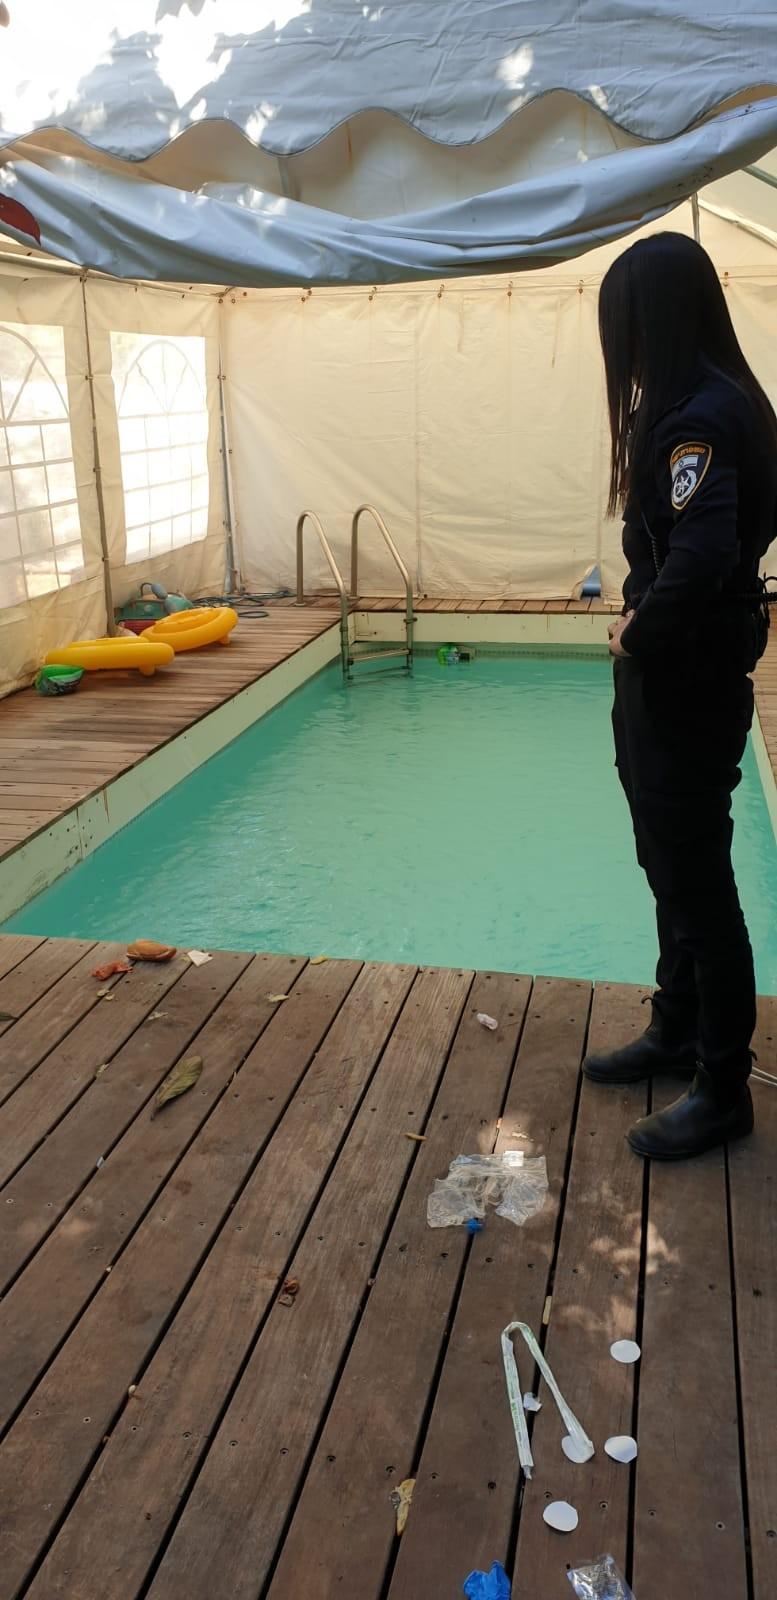 صفد: إحالة طفل بحالة حرجة للعلاج بعد تعرّضه للغرق